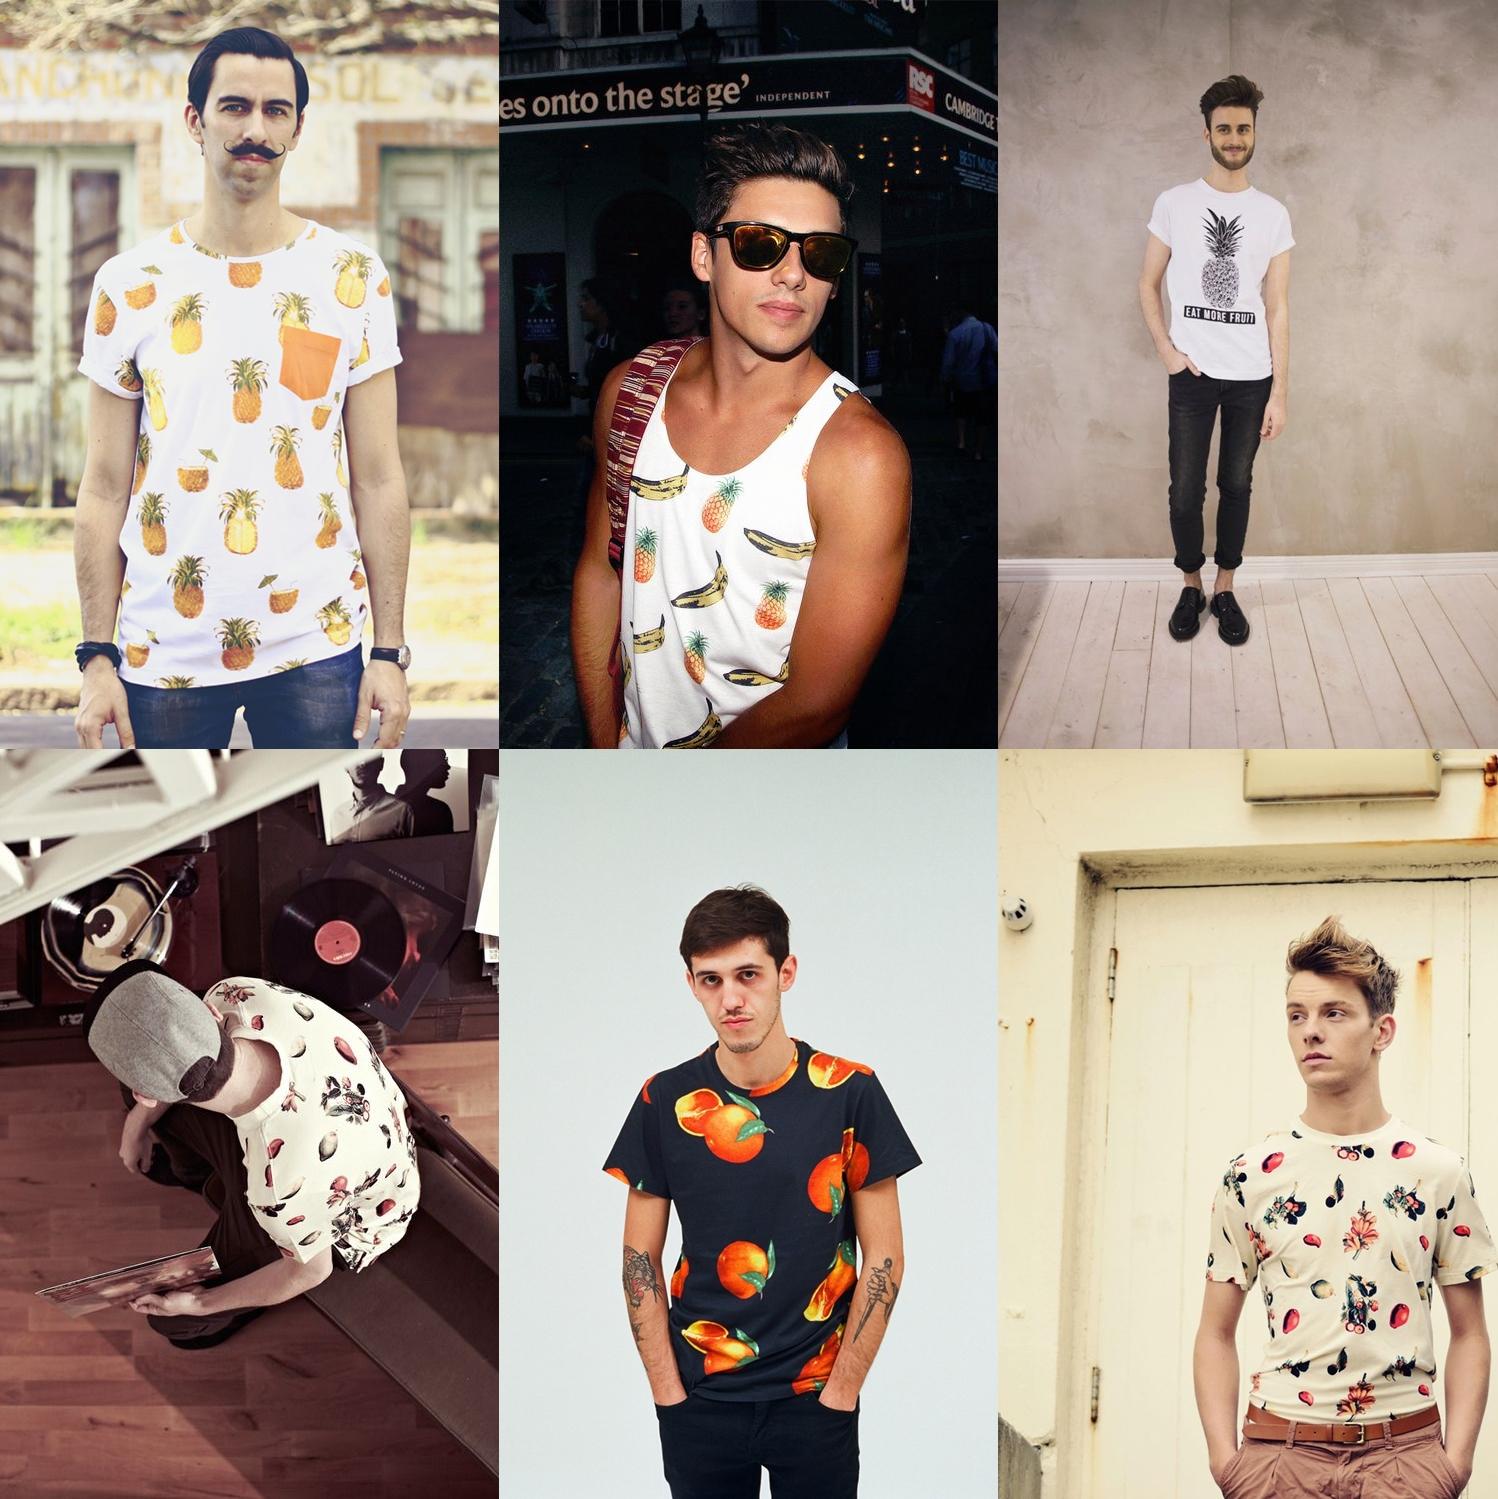 camiseta de fruta masculina 2014, estampa de frutas para homens, moda masculina, estilo masculino, menswear, menstyle, fashion blogger, blog de moda, moda sem censura, alex cursino, tendencia masculina, verão 2015,